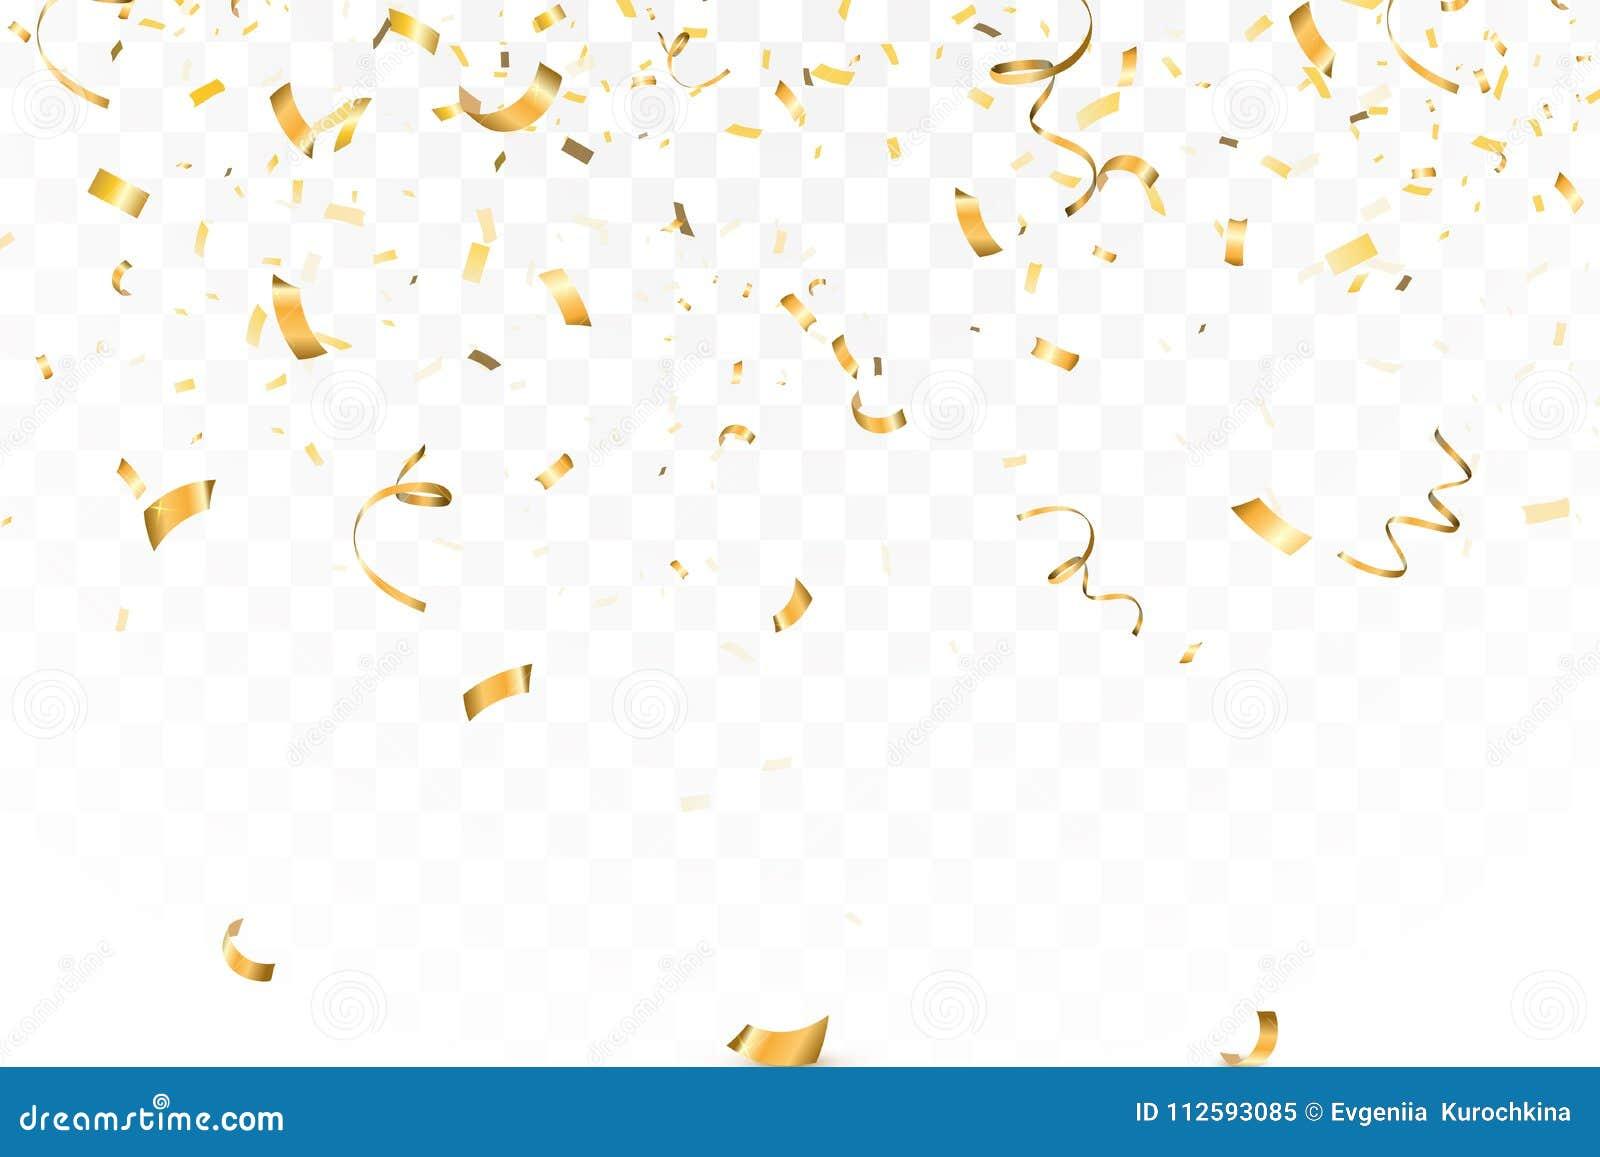 La celebración brillante descendente del confeti del brillo del oro, serpentea aislado en fondo transparente Año Nuevo, cumpleaño